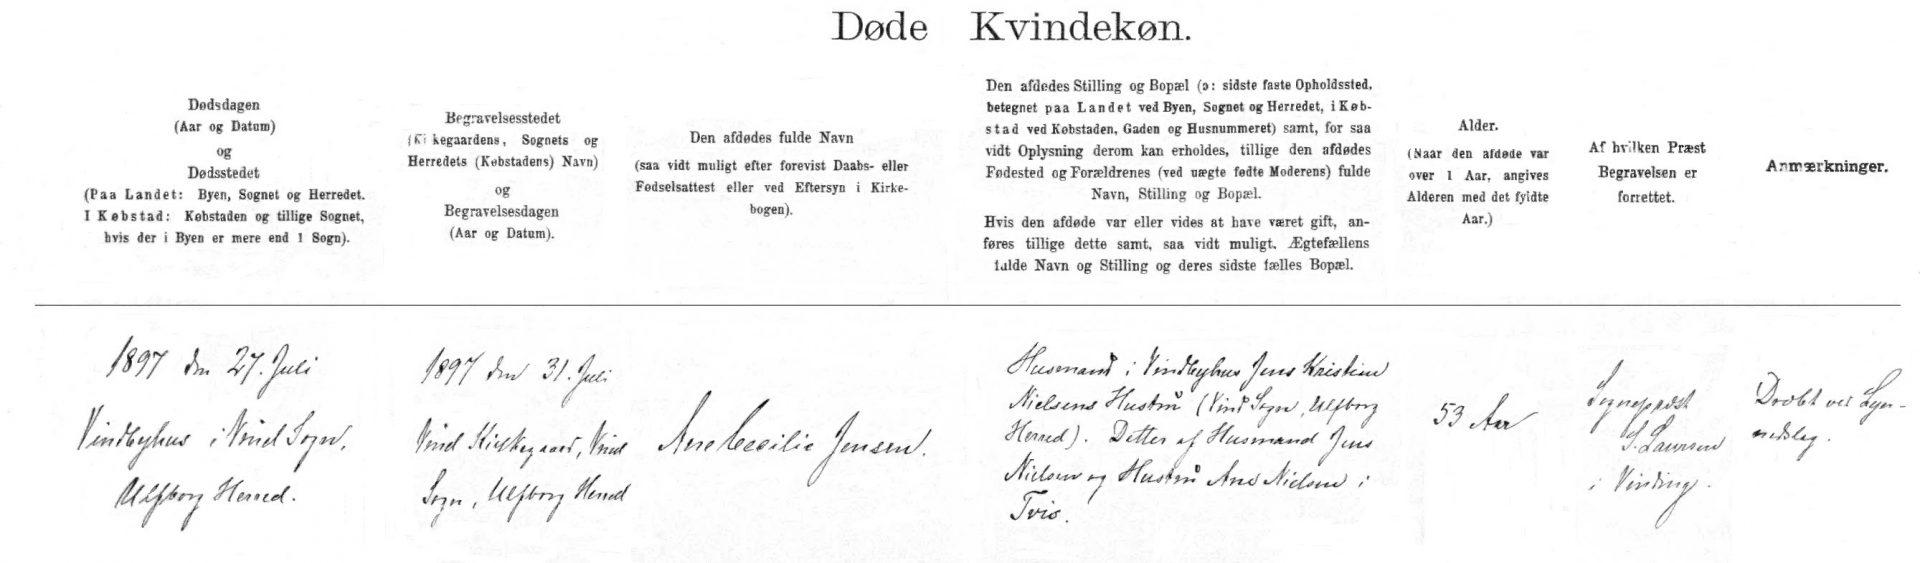 Uddrag af Vind sogns kirkebog fra 1897 -med omtale af Ane Cecilie Jensens død ved lynnedslag. Klik på billedet for at se det i stort format.